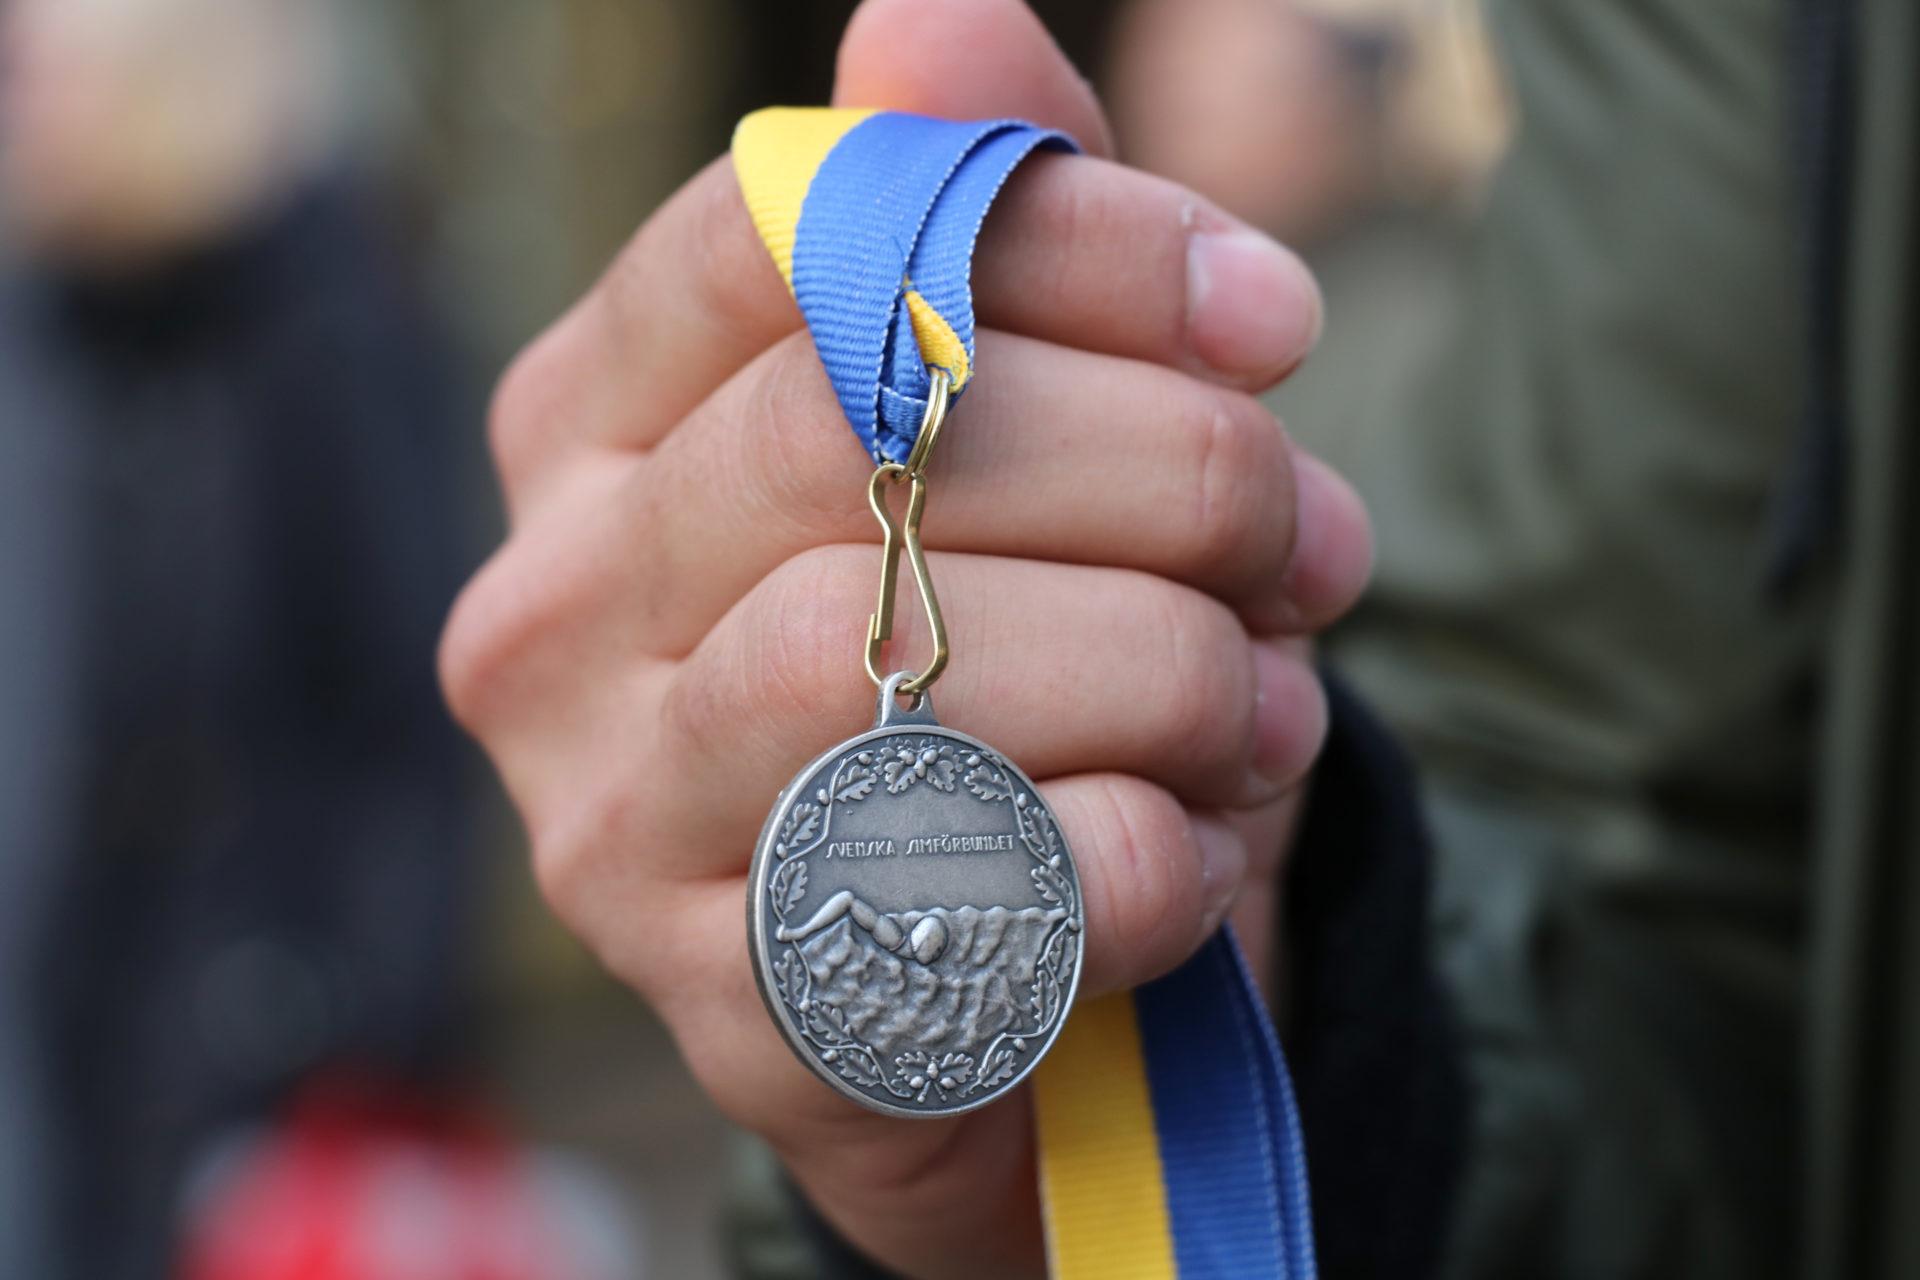 Yahia Mossa har på kort tid nått stora framgångar inom simning. Silvret är en av hans mästerskapsmedaljer och nu siktar han på Paralympics i Tokyo.